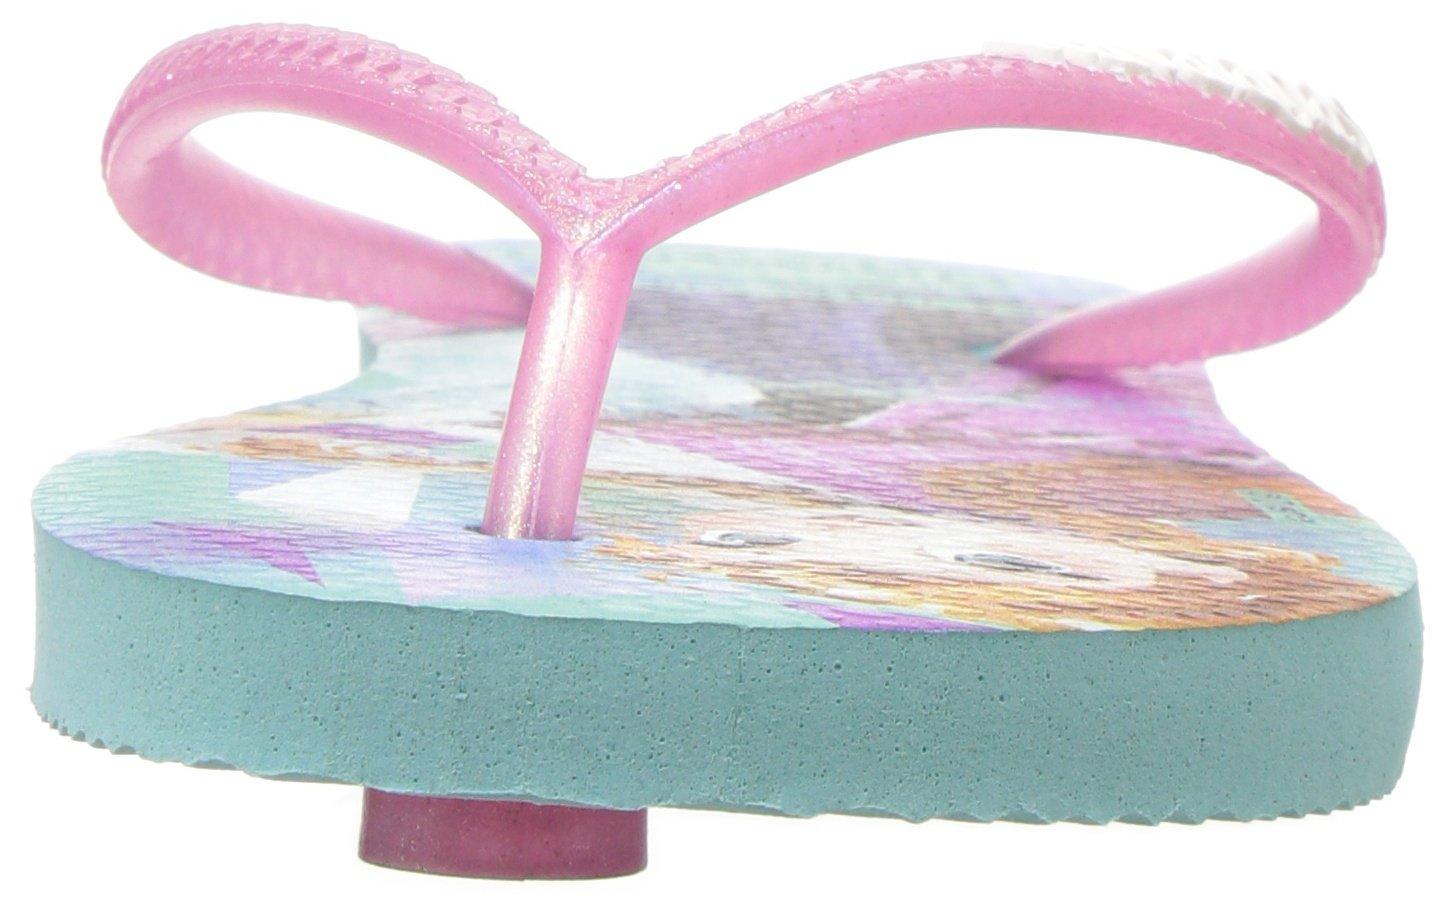 Havaianas Girls Slim Flip Flop Sandals, Kids, Frozen, Elsa & Anna,Green/Pink,25/26 BR (10 M US Toddler) by Havaianas (Image #4)